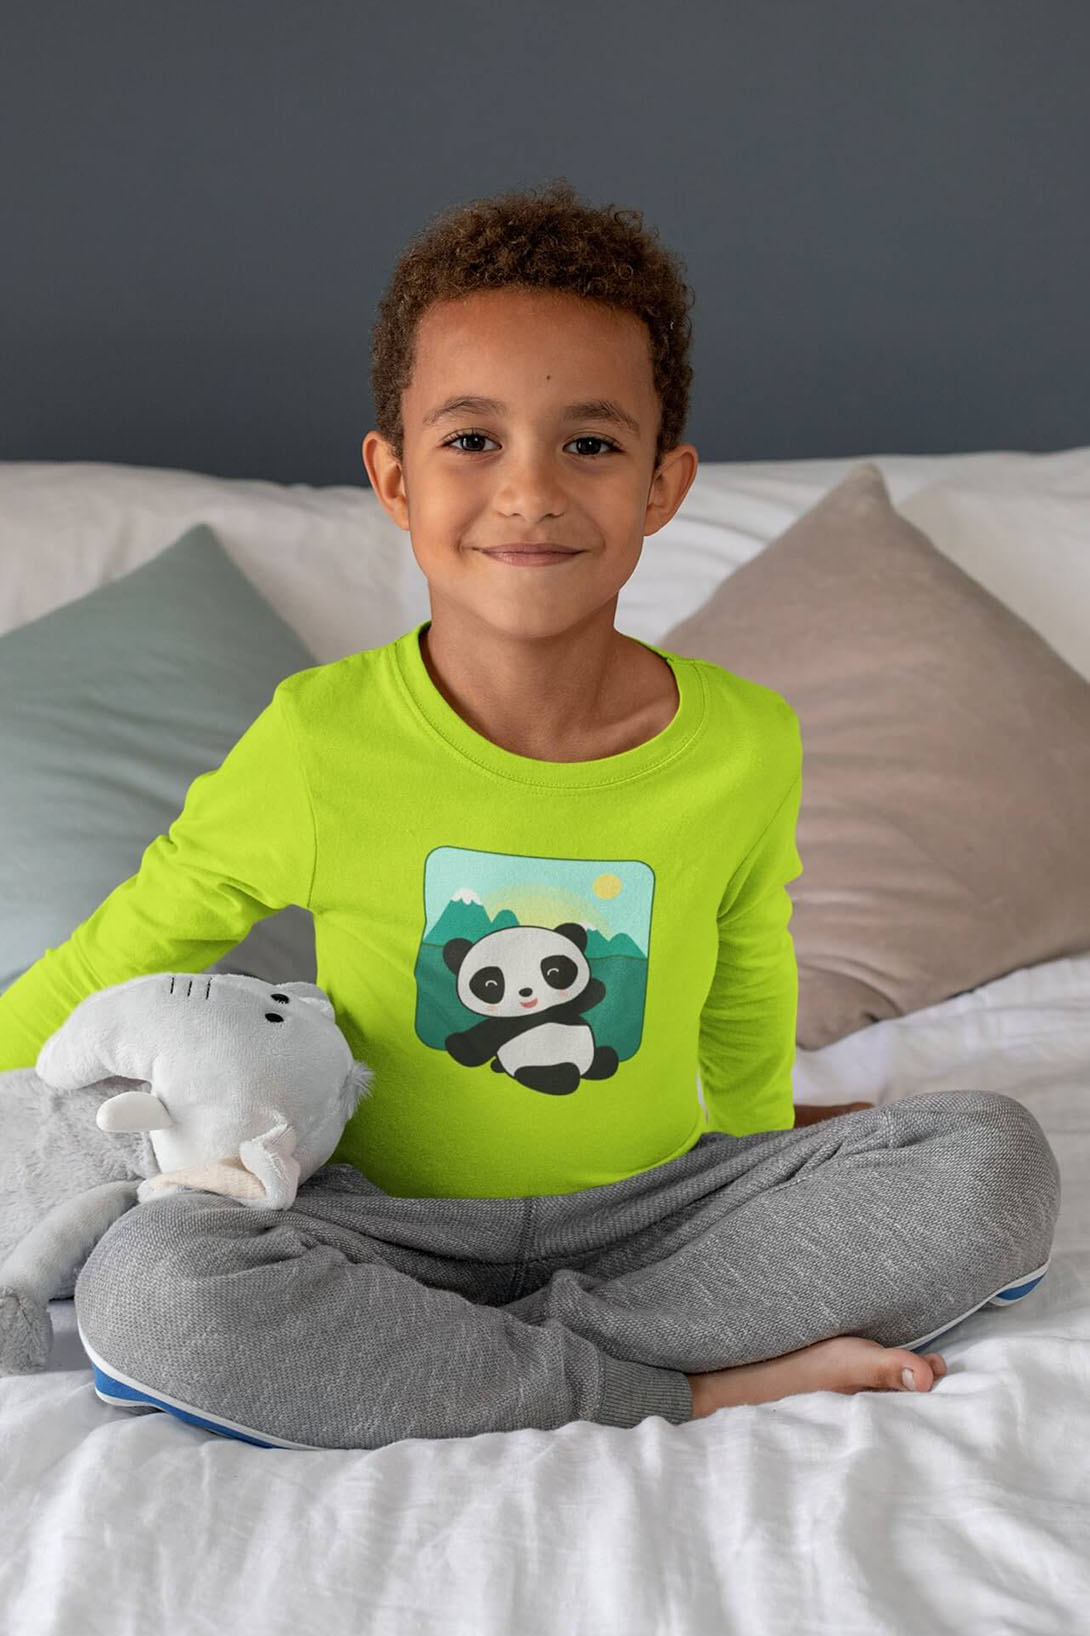 MMO Detské tričko s dlhým rukávom Panda Vyberte farbu:: Malinová, Detská veľkosť: 158/12 rokov